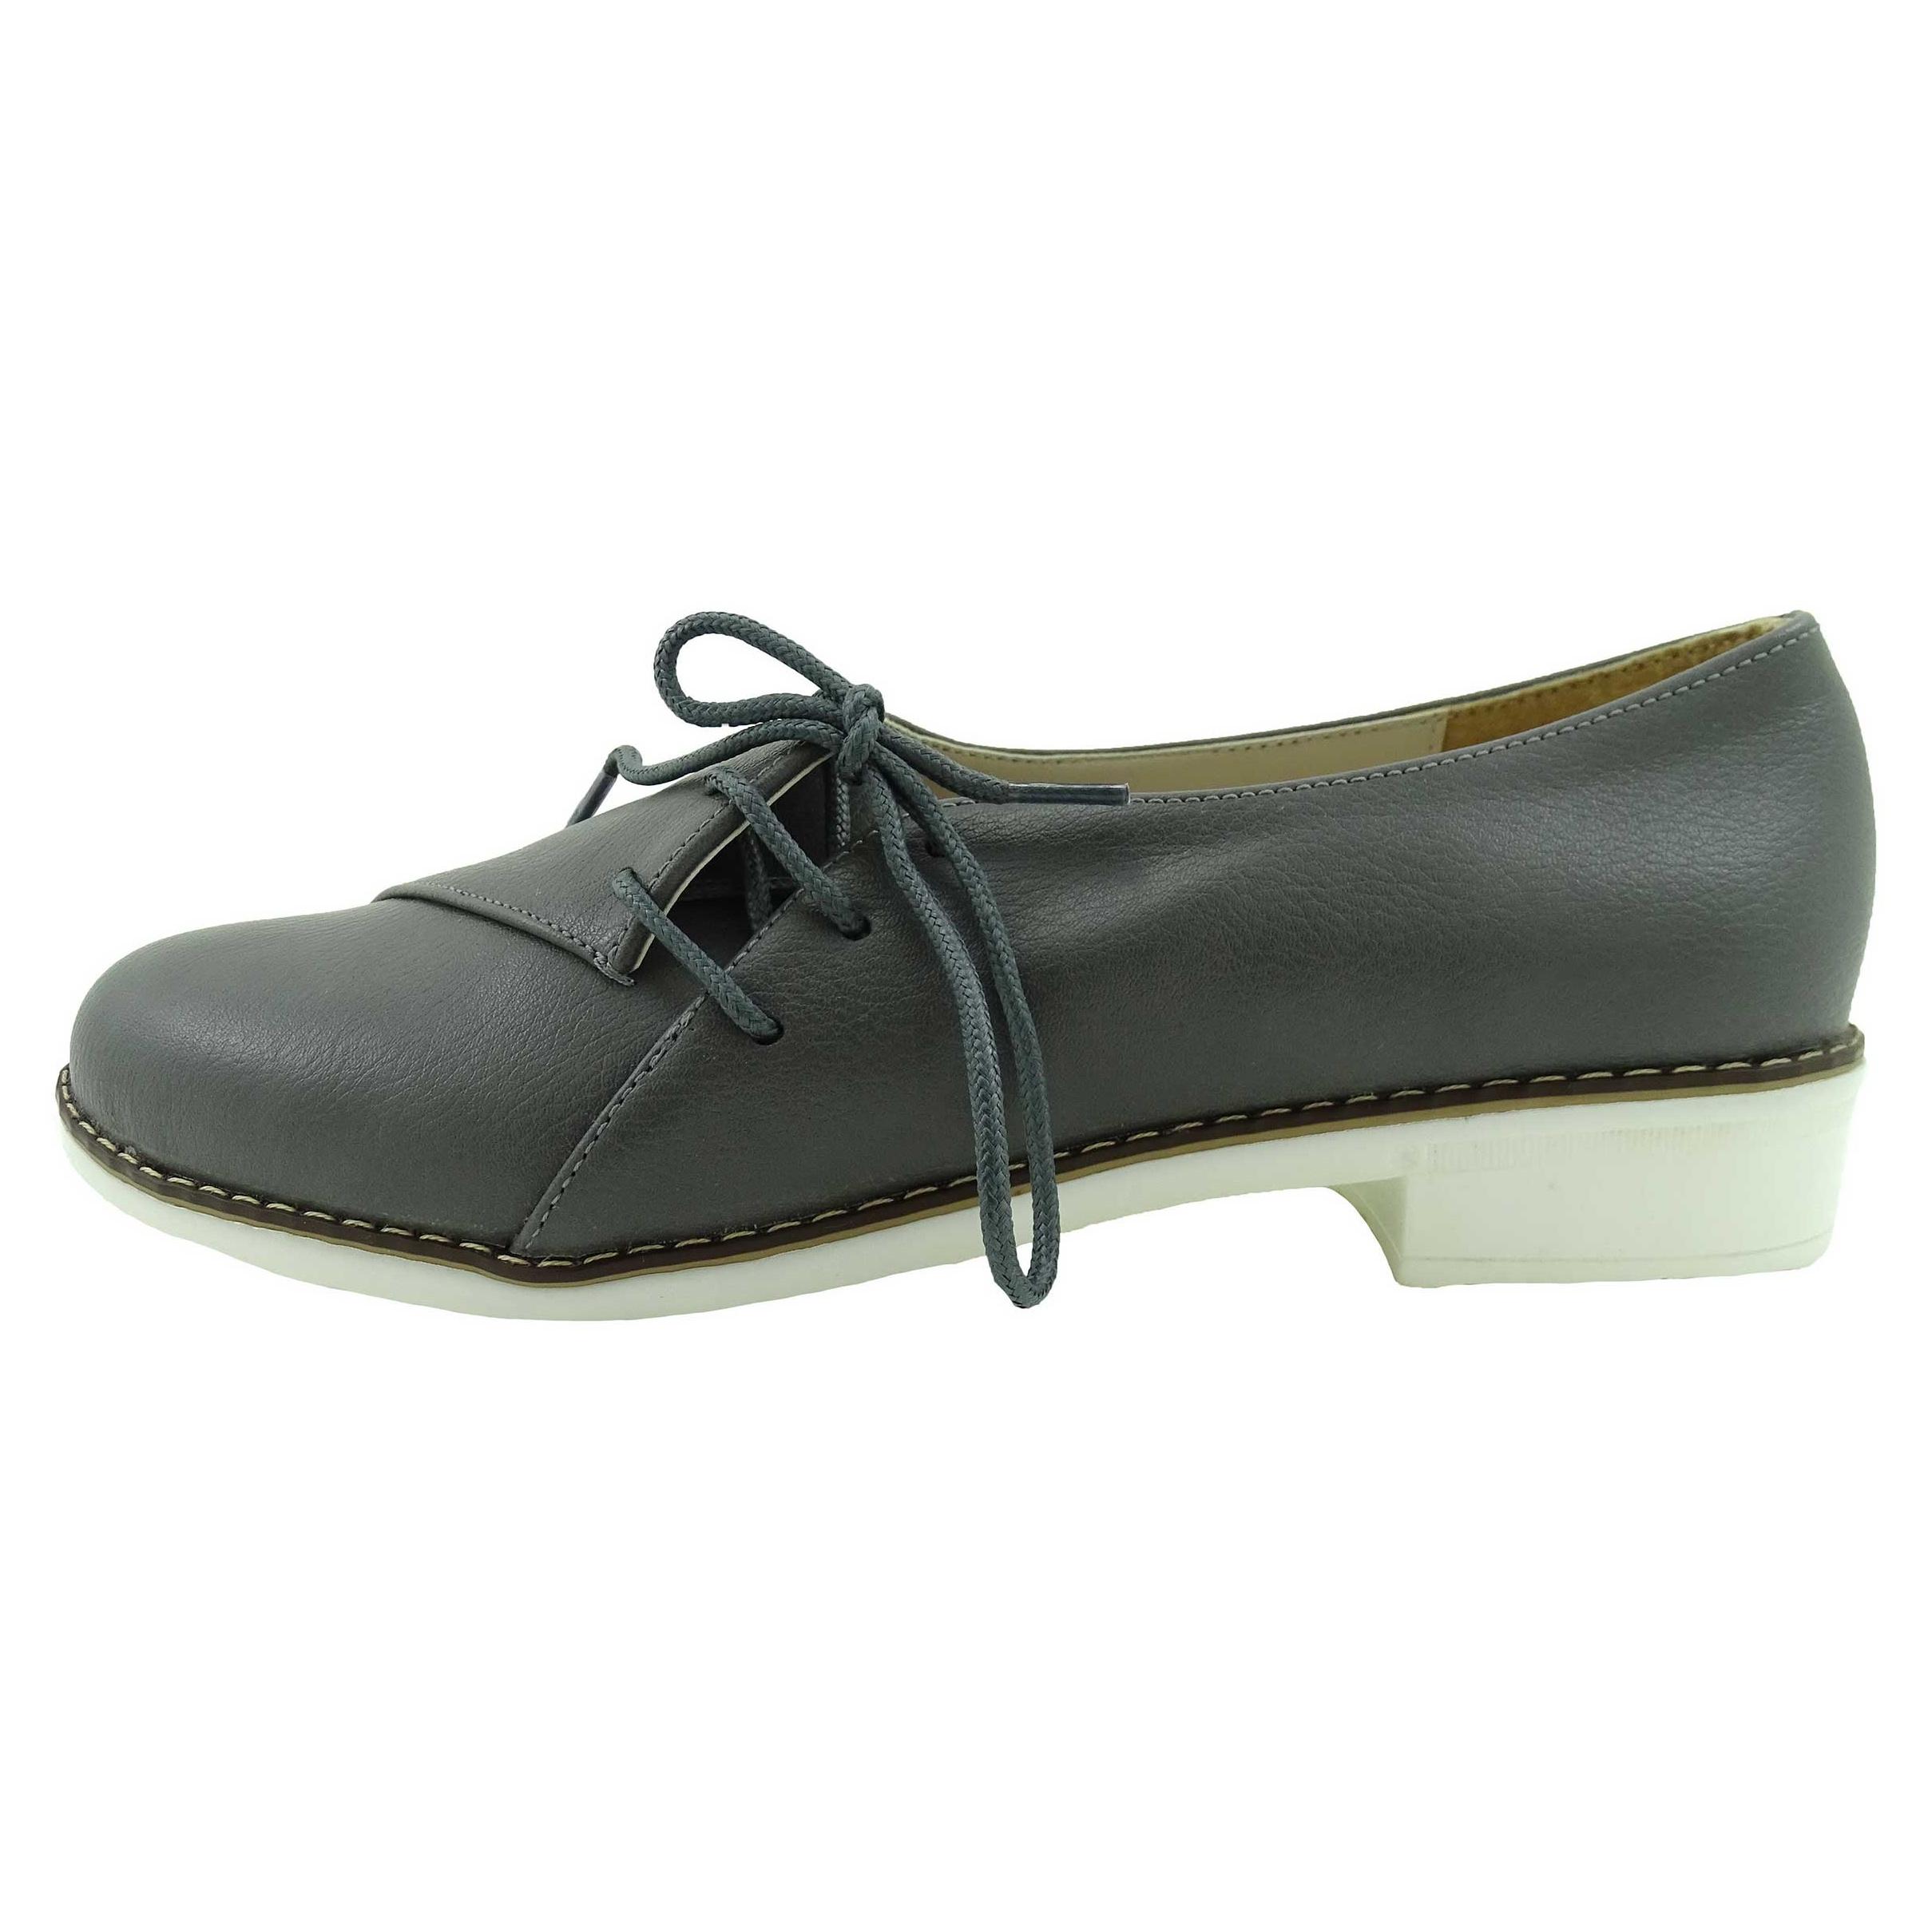 کفش زنانه آذاردو مدل W02207